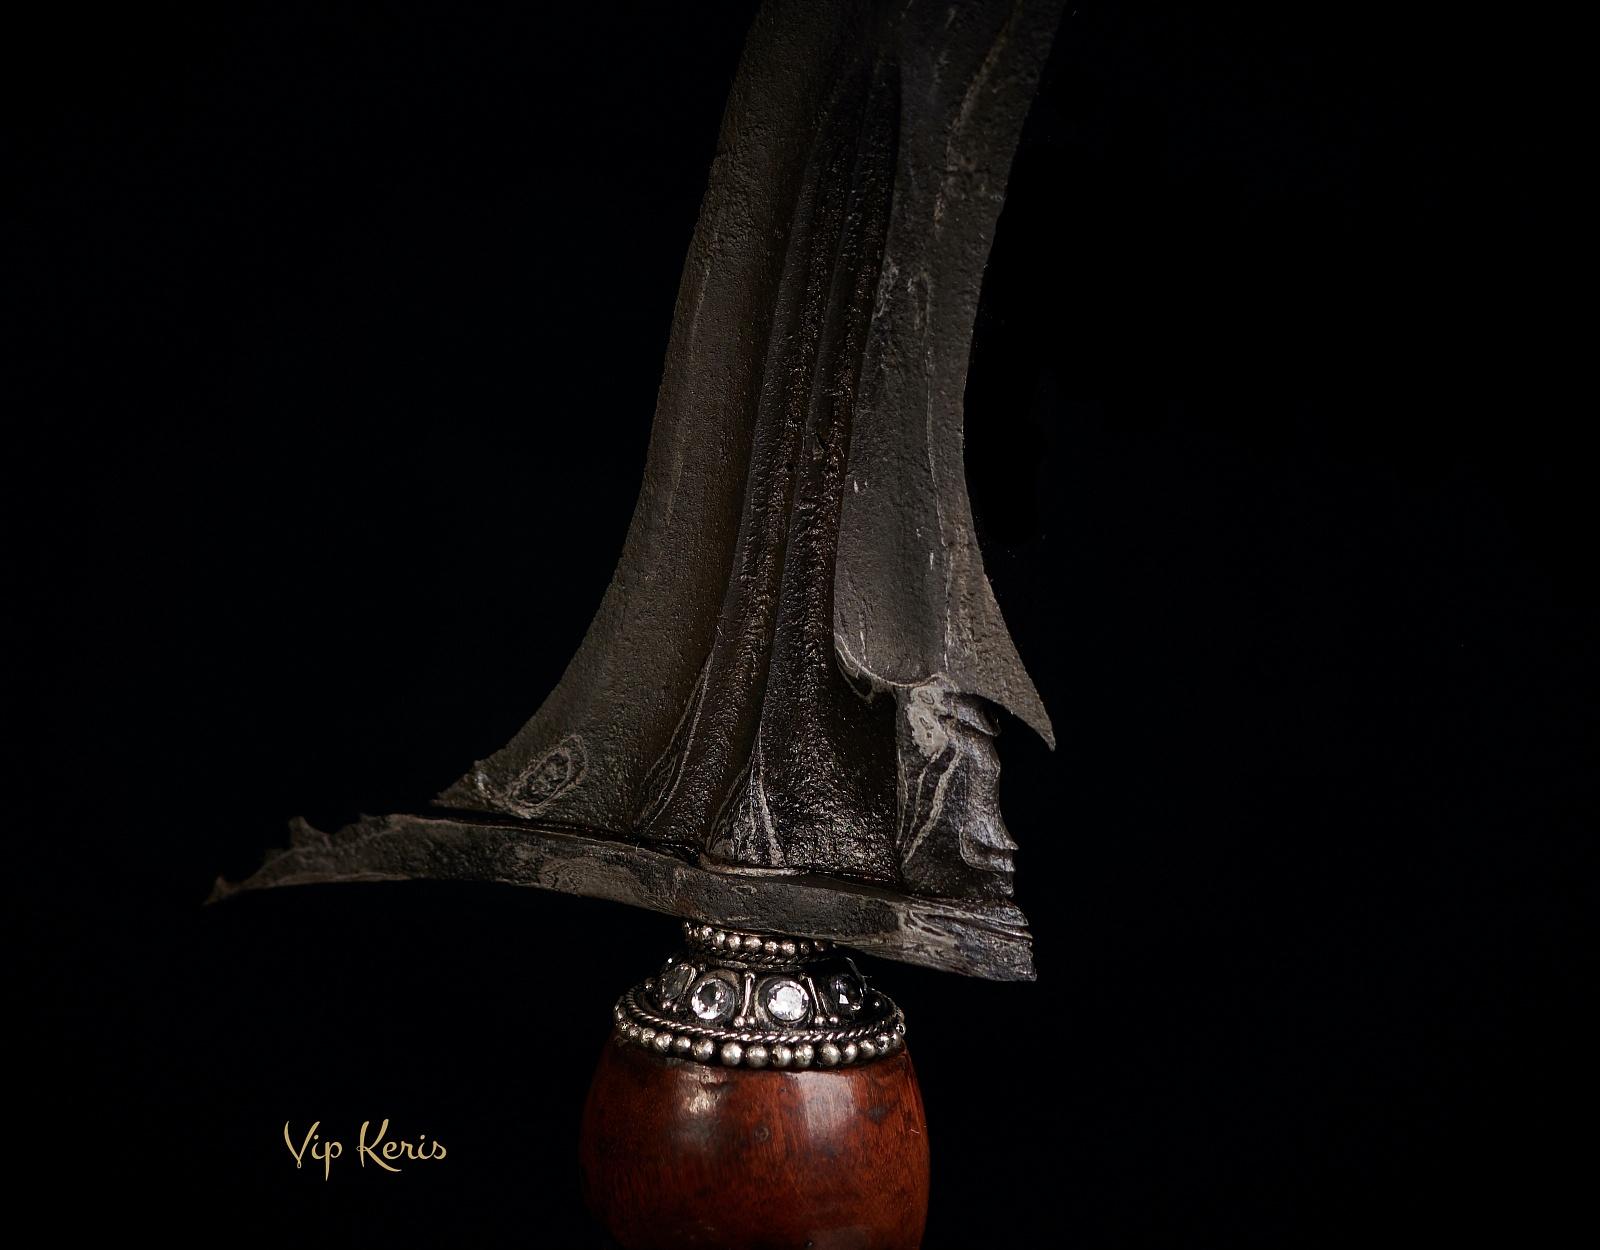 Пламевидный ритуальный Крис Сarito keprabon, 11 изгибов фото VipKeris